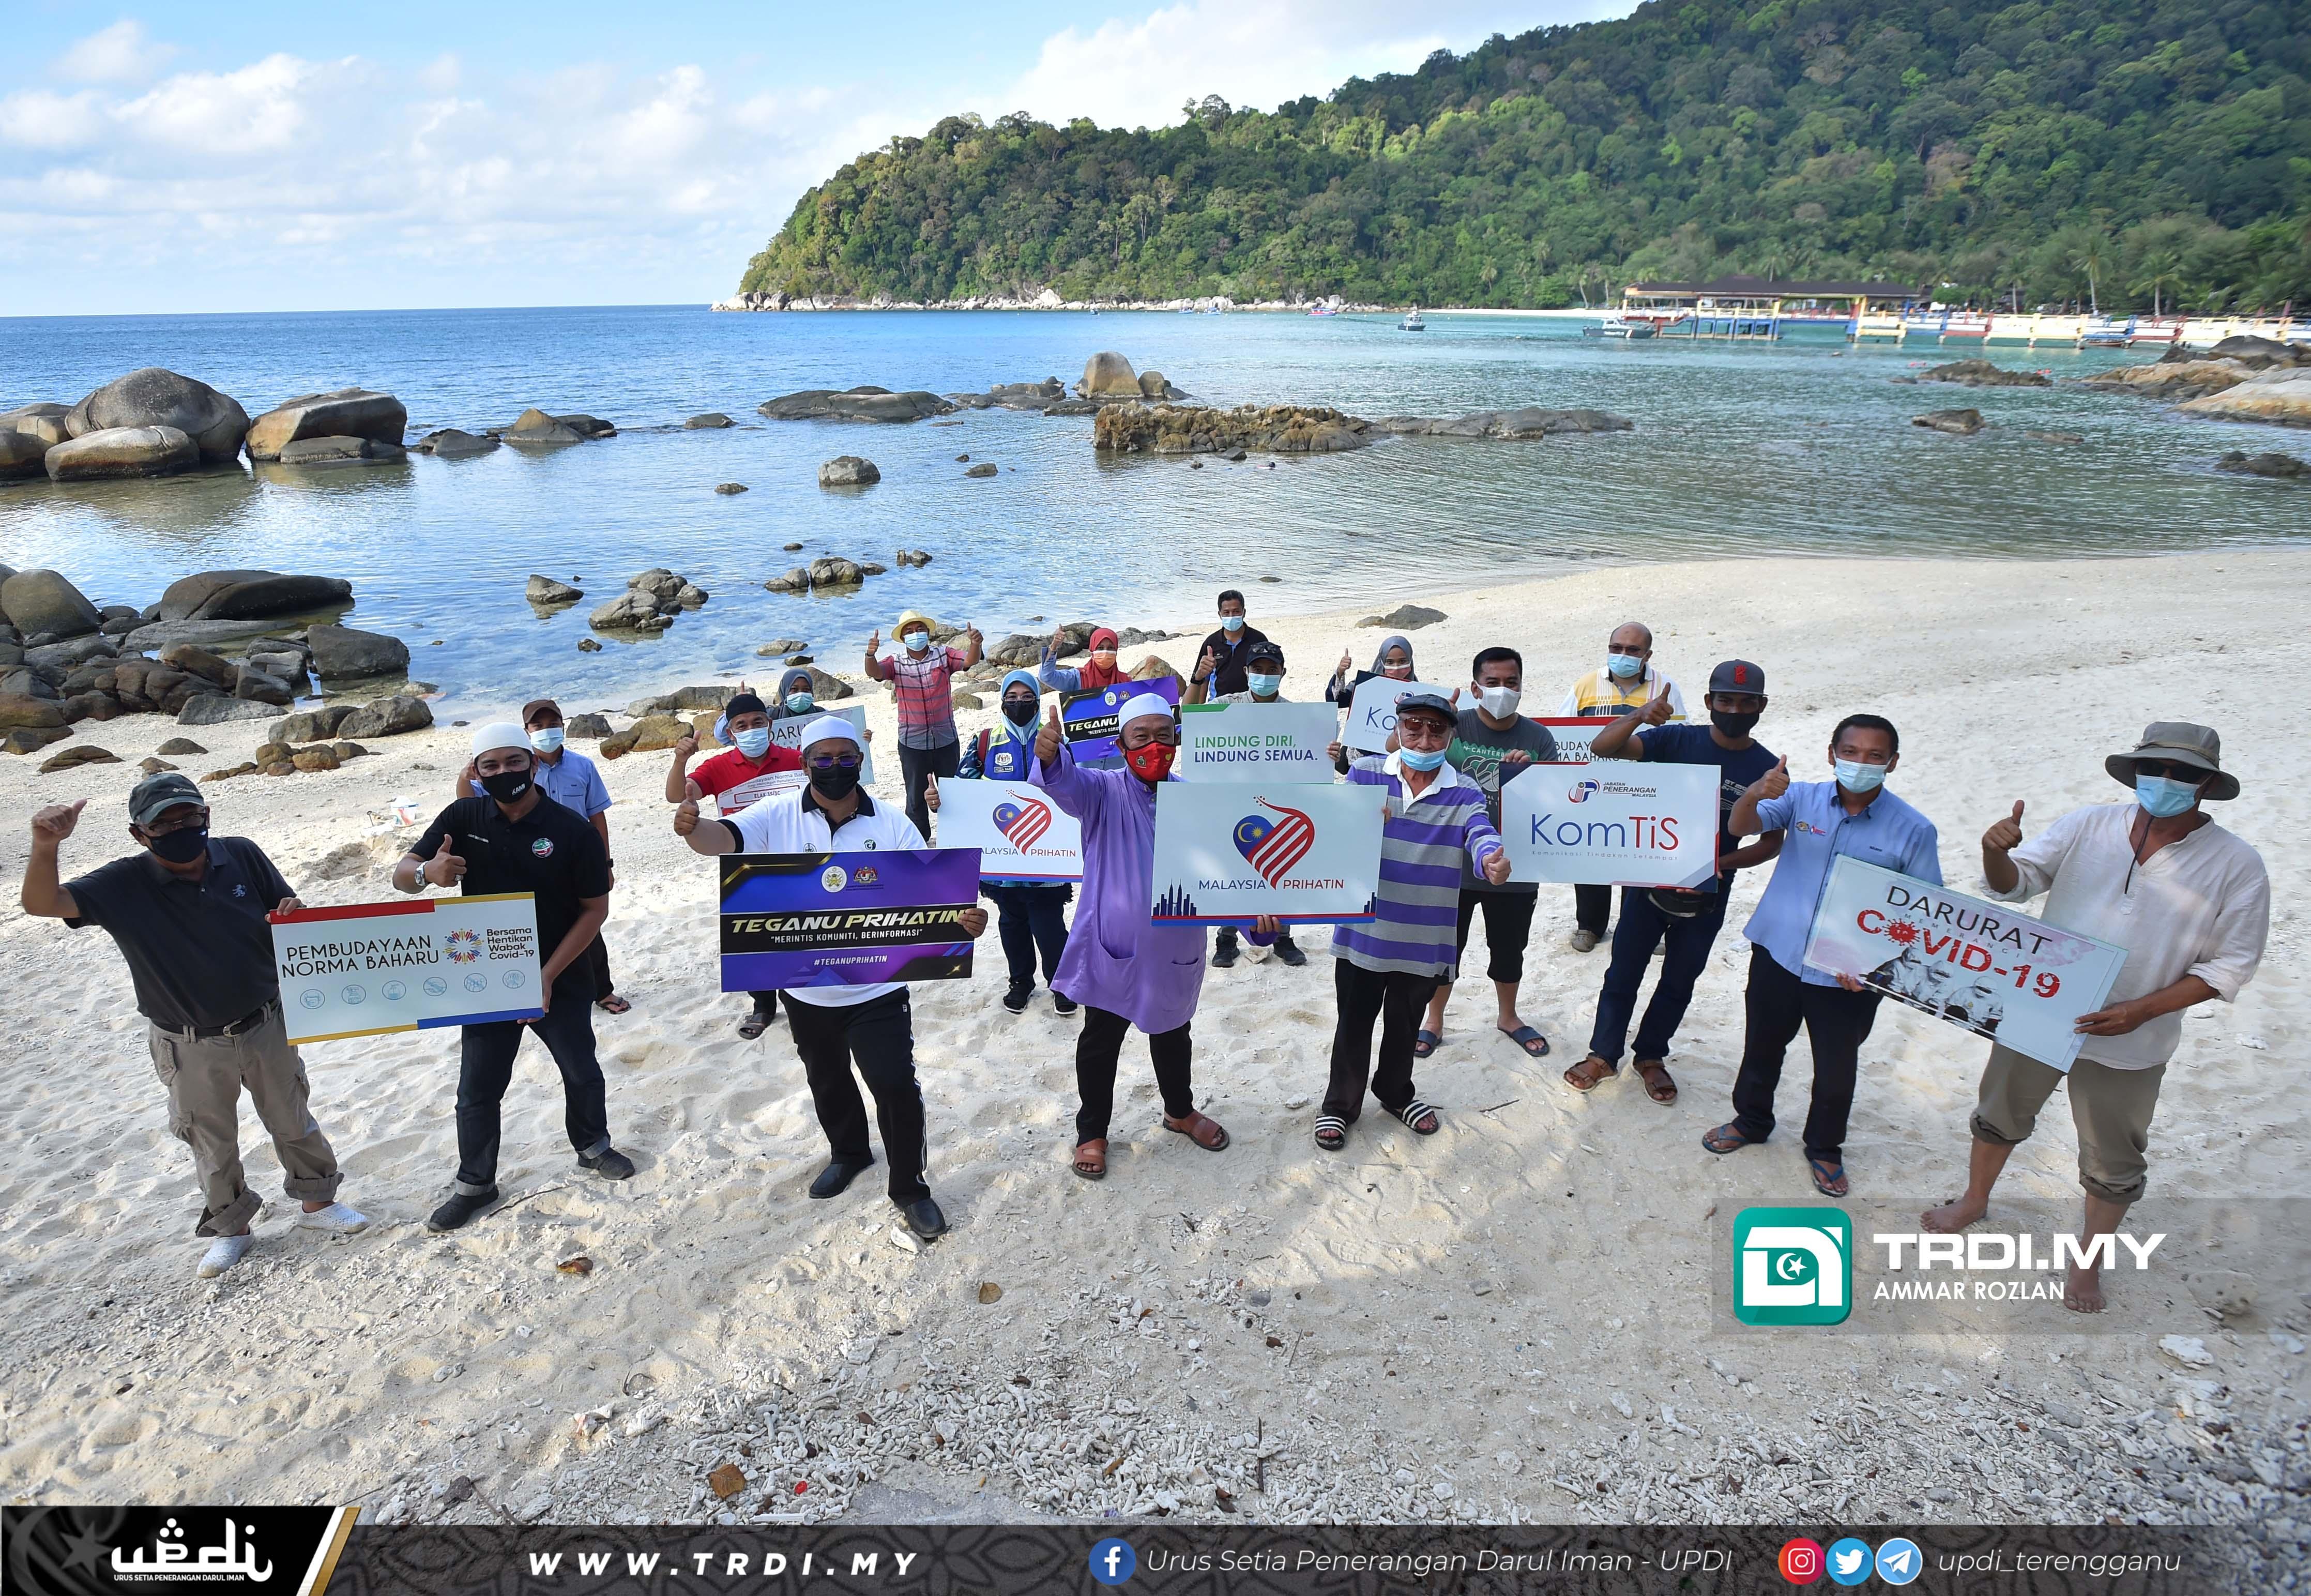 Program yang dirasmikan oleh Pengerusi Jawatankuasa Pembangunan Insan, Dakwah dan Penerangan Negeri Terengganu, YB Ustaz Mohd Nor Hamzah dipenuhi dengan pelbagai pengisian mendekati rakyat seperti perkhidmatan pendaftaran vaksin Covid-19, pemeriksaan kesihatan, pendaftaran mengundi Suruhanjaya Pilihan Raya, membuat kad pengenalan dan ceramah berkaitan penyalahgunaan dadah oleh Agensi Anti Dadah Kebangsaan (AADK) dan peranan Jabatan Kemajuan Masyarakat (Kemas).